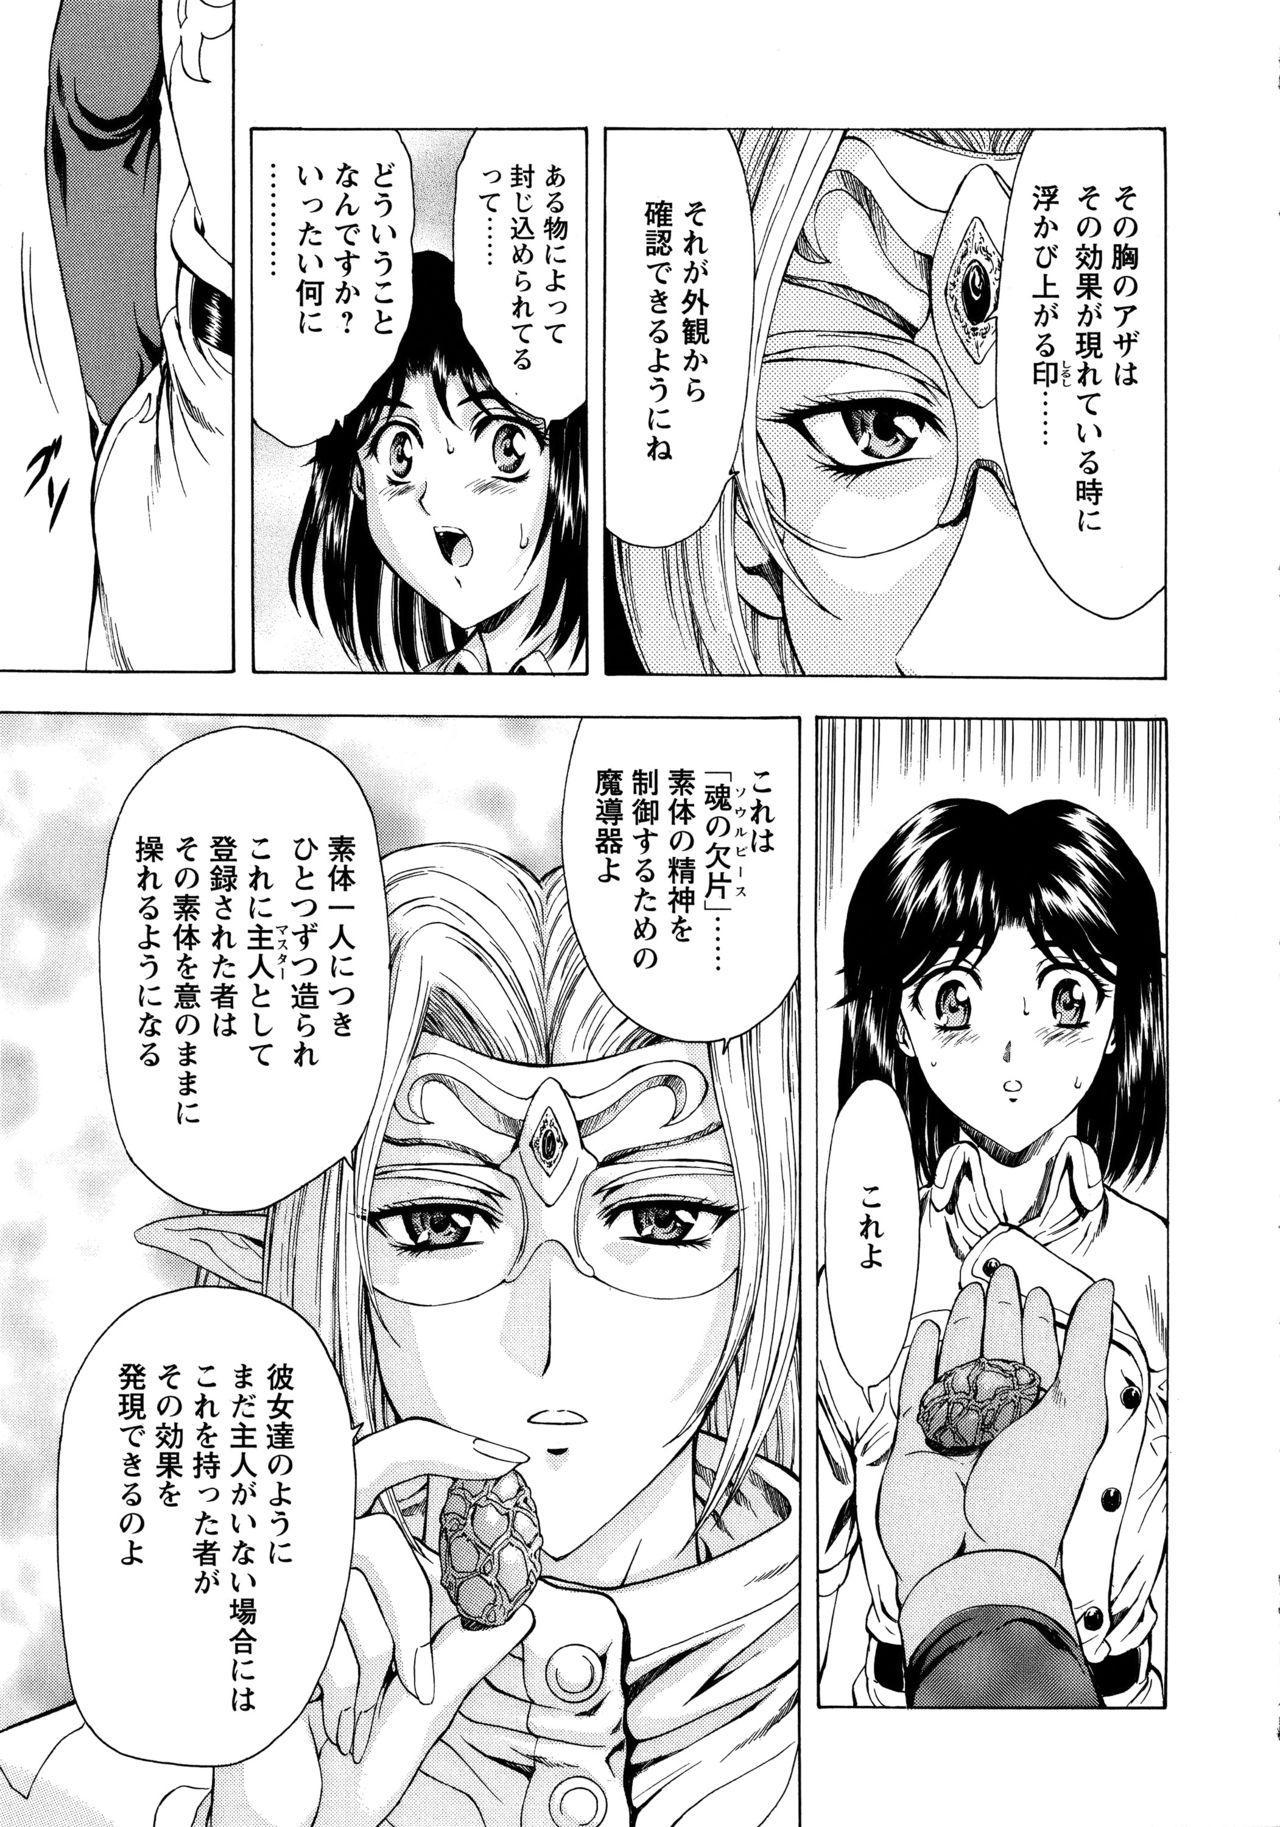 Ginryuu no Reimei Vol. 1 38